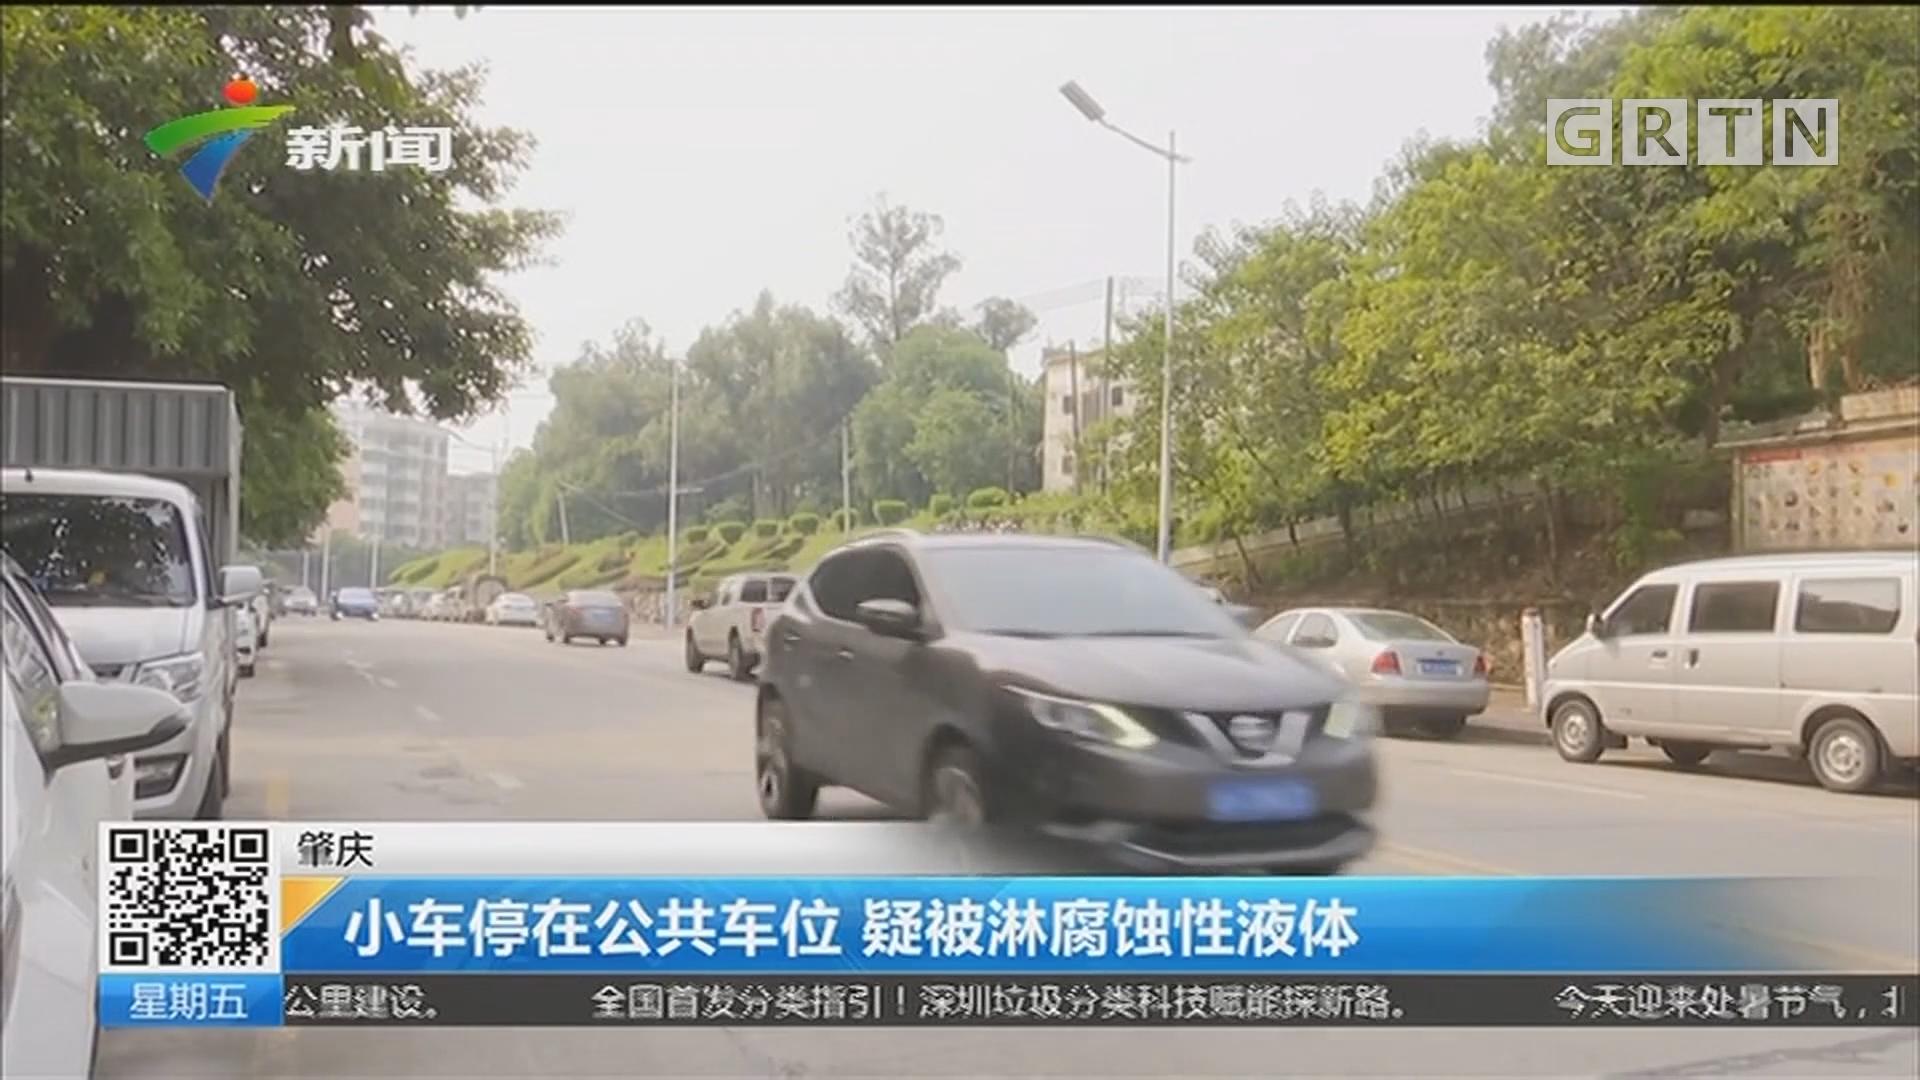 肇庆:小车停在公共车位 疑被淋腐蚀性液体